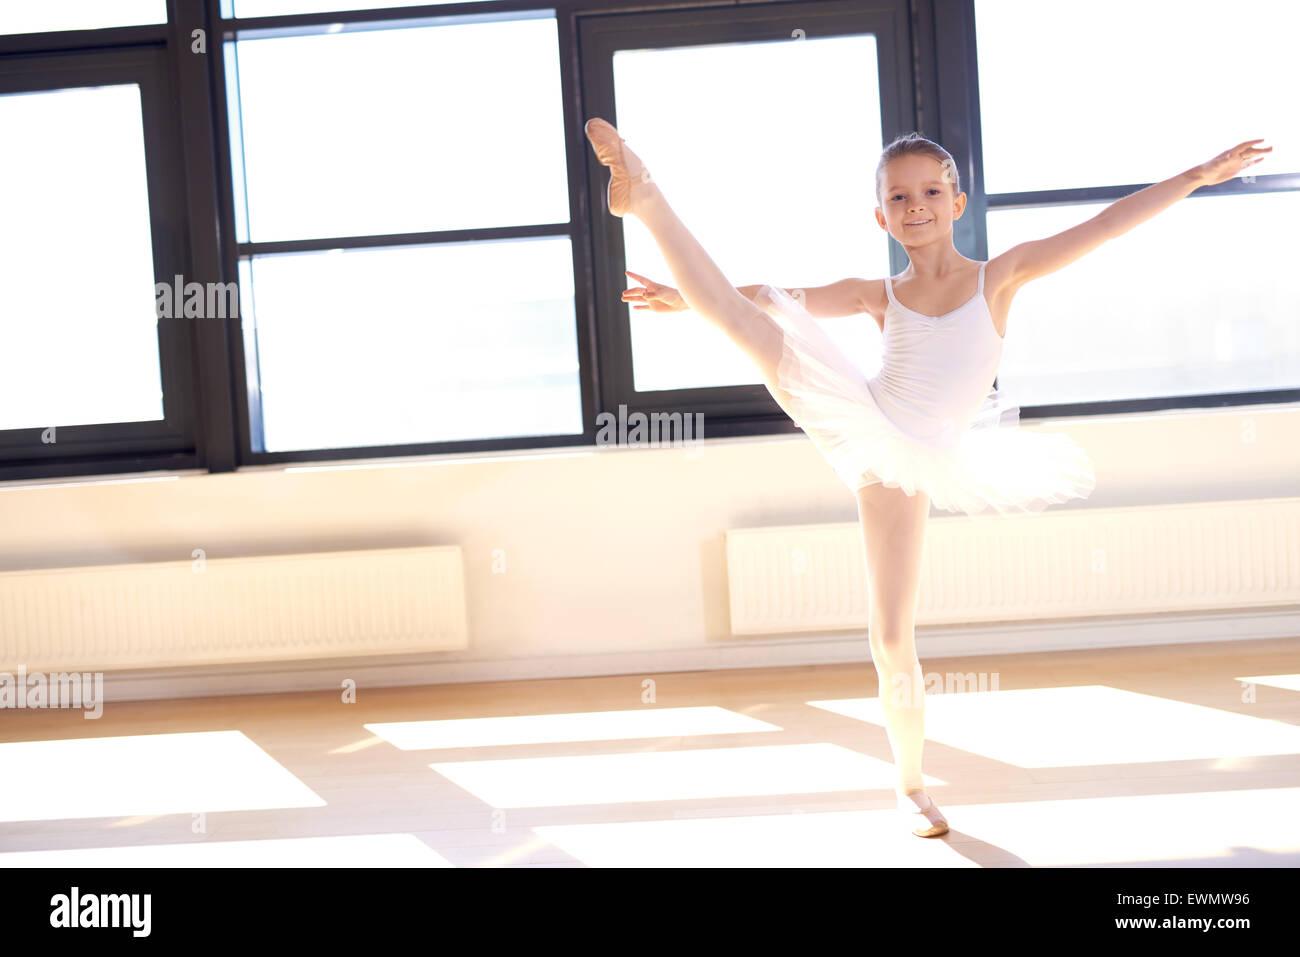 Agile piuttosto giovane ballerina praticando la sua posizioni in un grazioso pongono di fronte a finestre luminose Immagini Stock